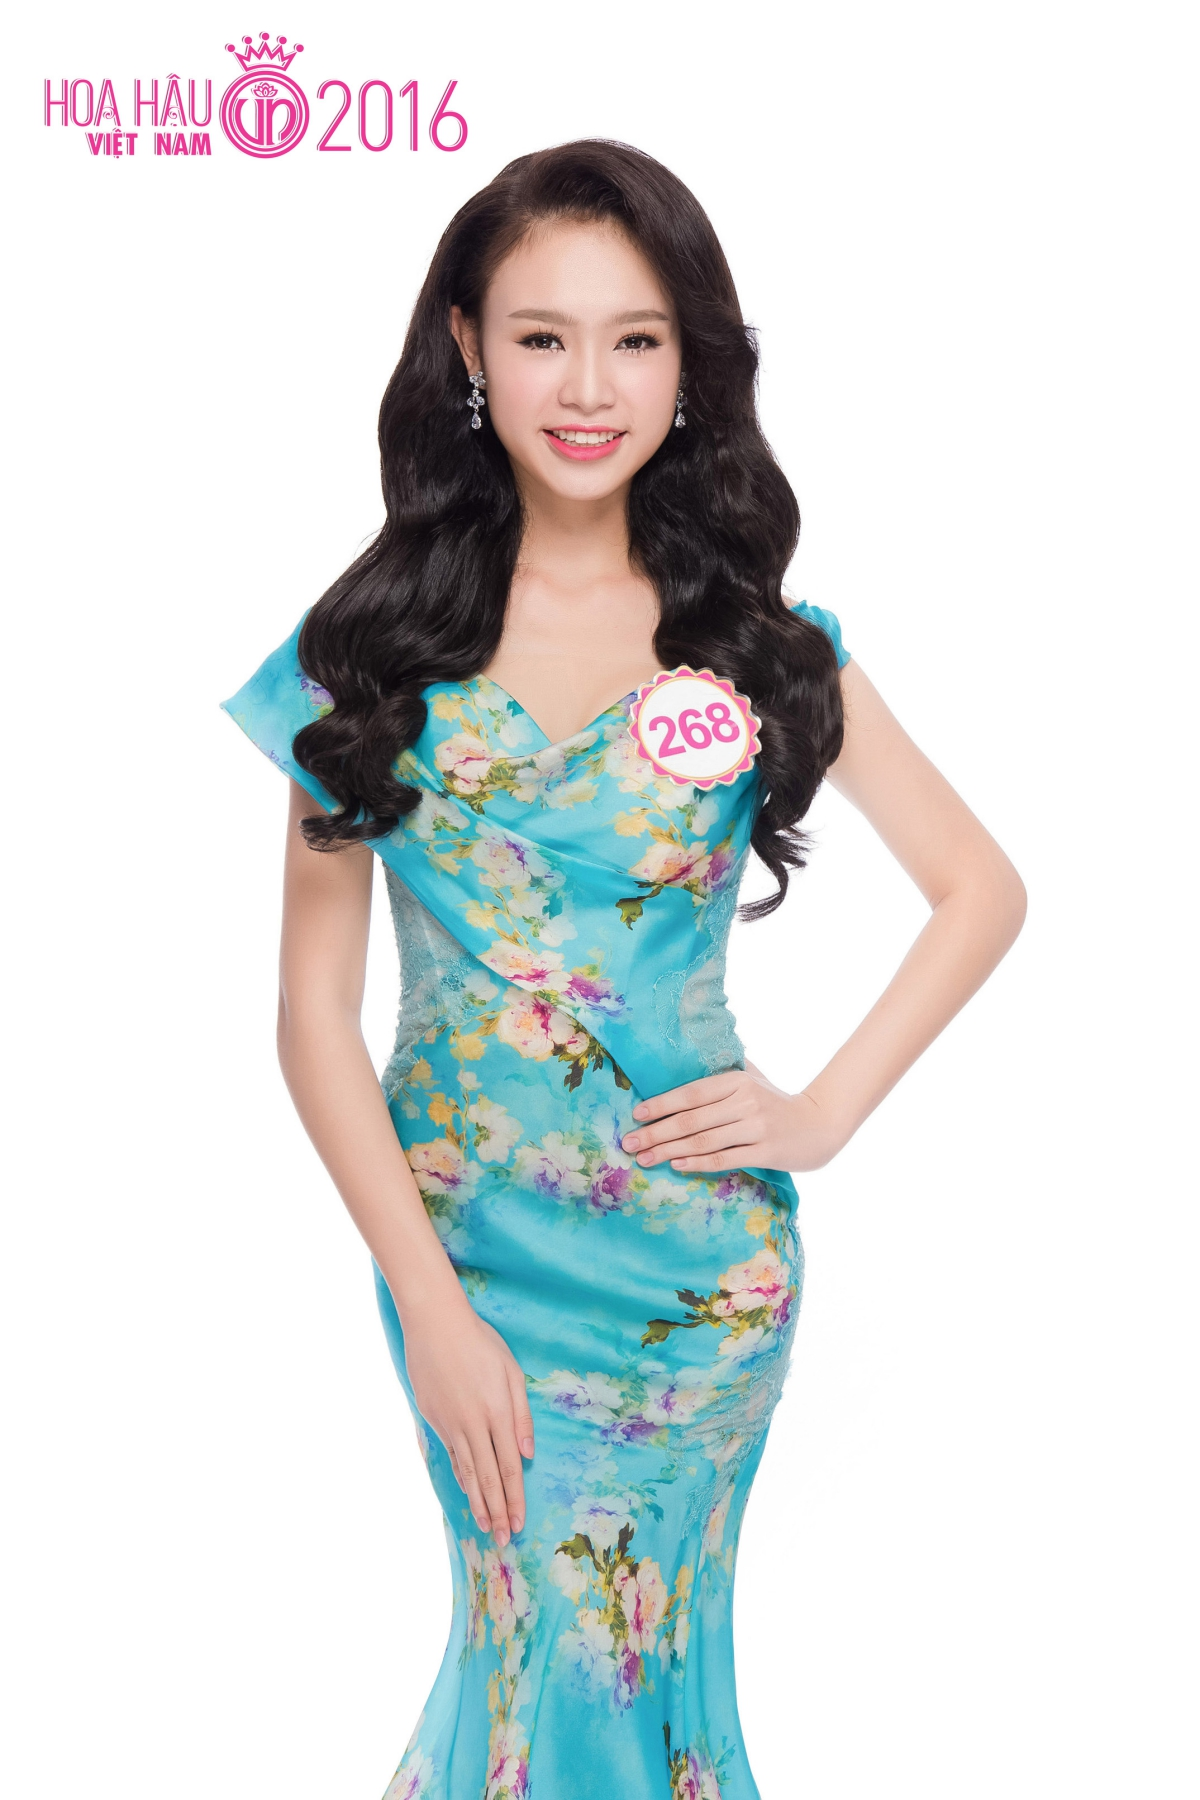 Phùng Bảo Ngọc Vân (SBD 268)